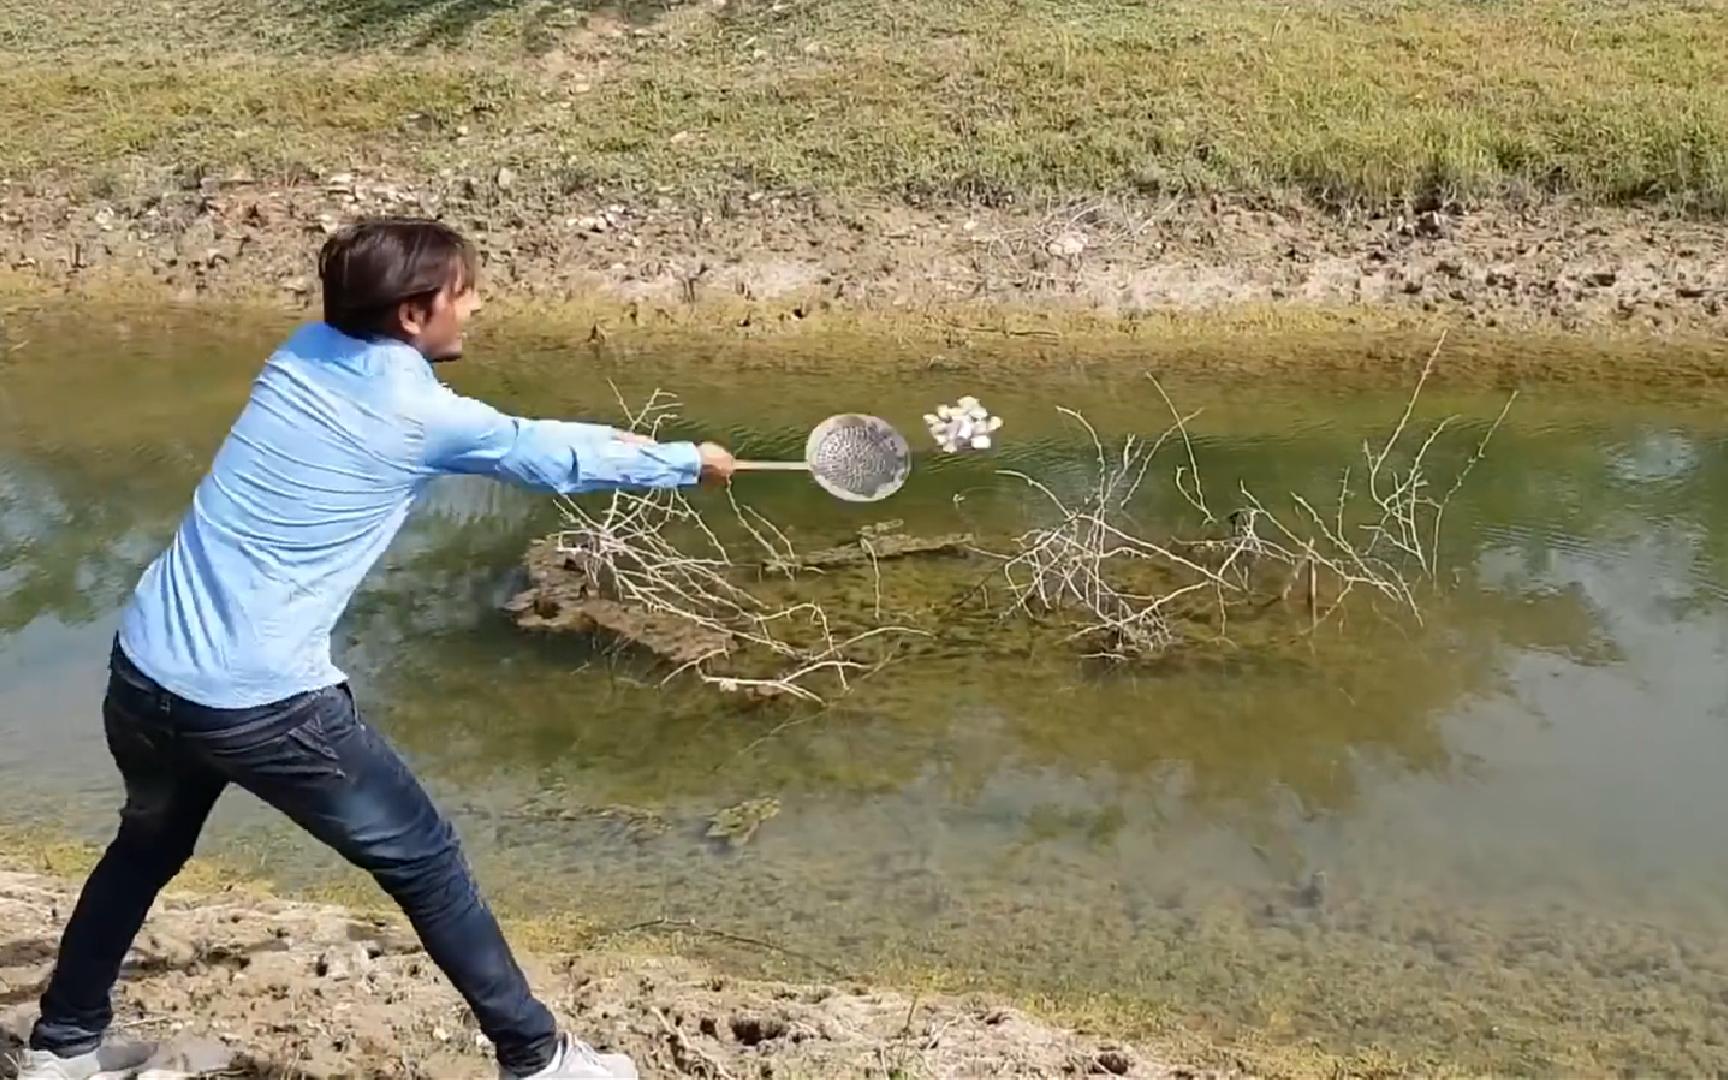 国外小哥将1公斤钠扔进河里,转身撒腿就跑,下一秒现场太壮观!